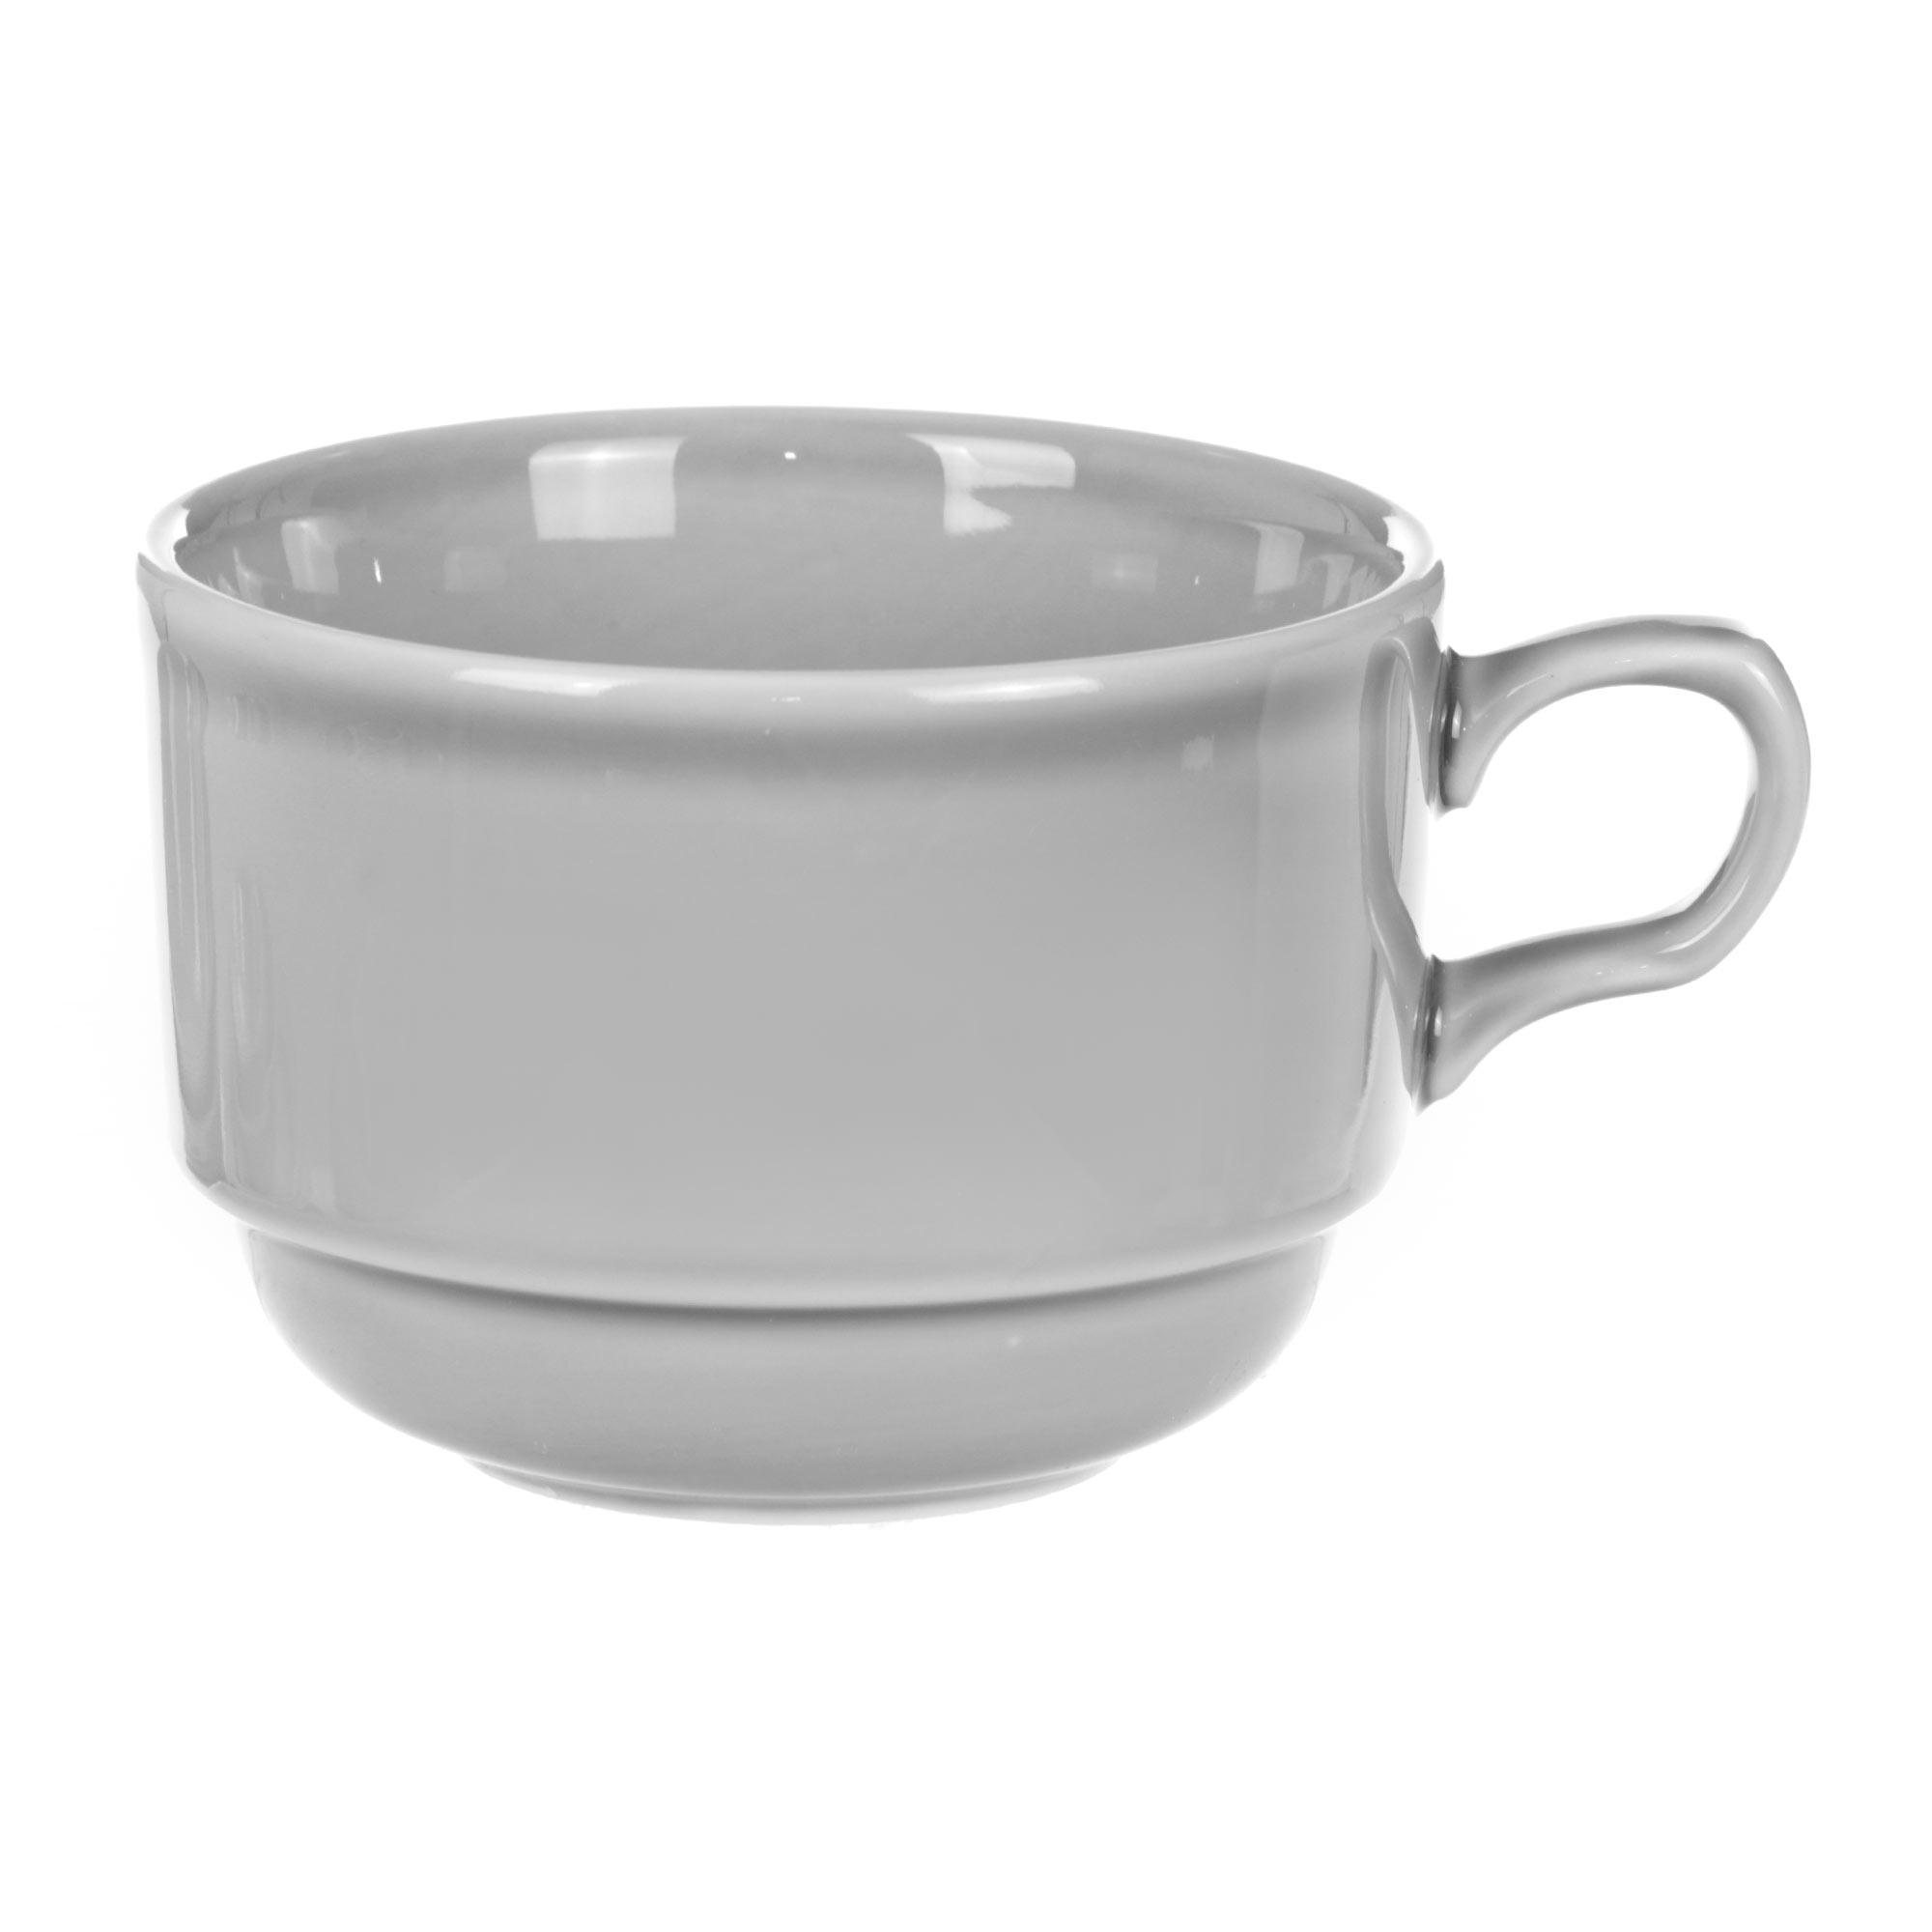 Чашка чайная Башкирский фарфор Браво 250 мл серая